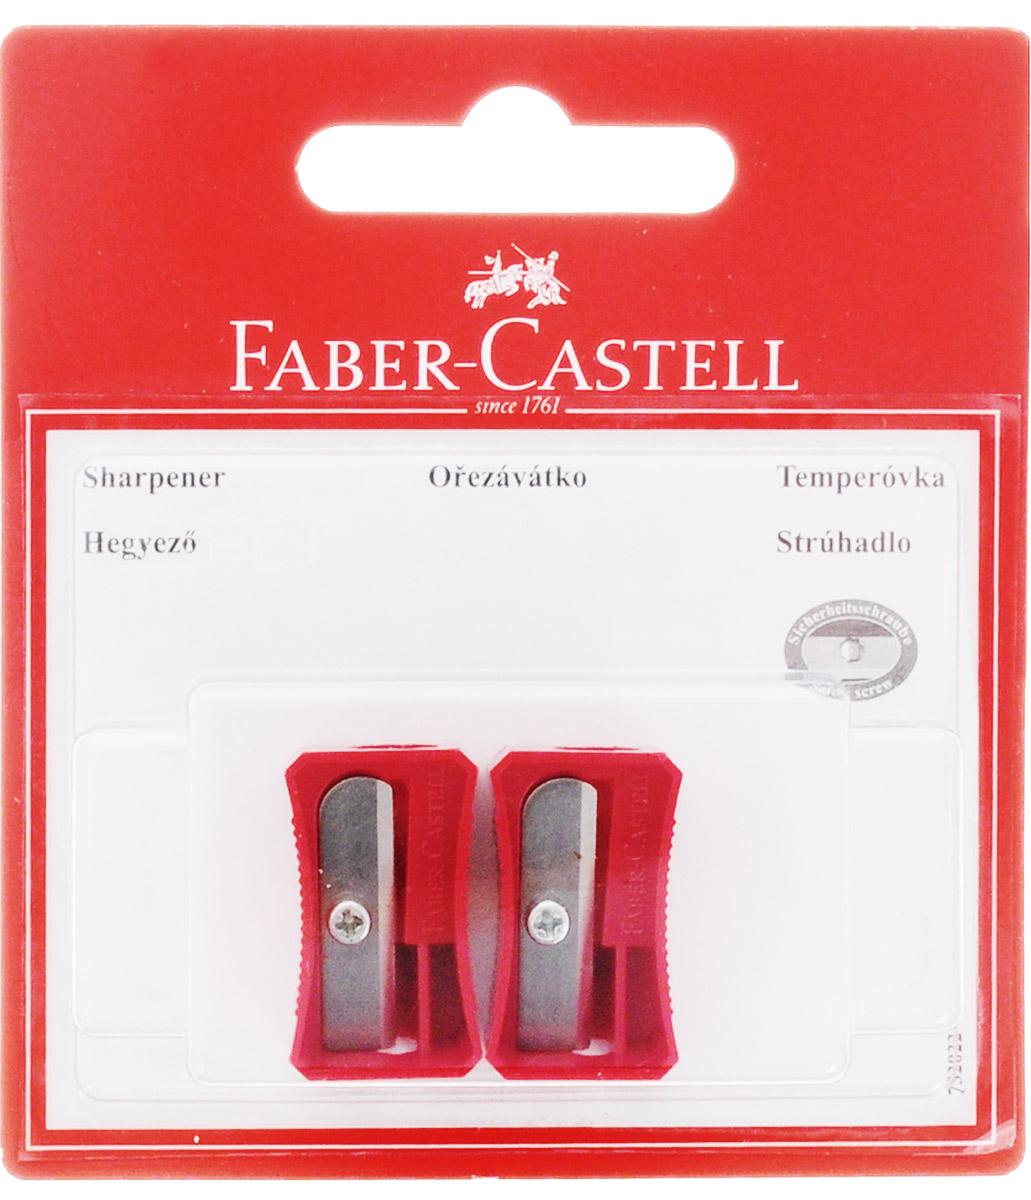 Набор точилок Faber-Castell предназначен для затачивания классических простых и цветных карандашей. В наборе две точилки из прочного пластика с рифленой областью захвата. Острые стальные лезвия обеспечивают высококачественную и точную заточку деревянных карандашей.